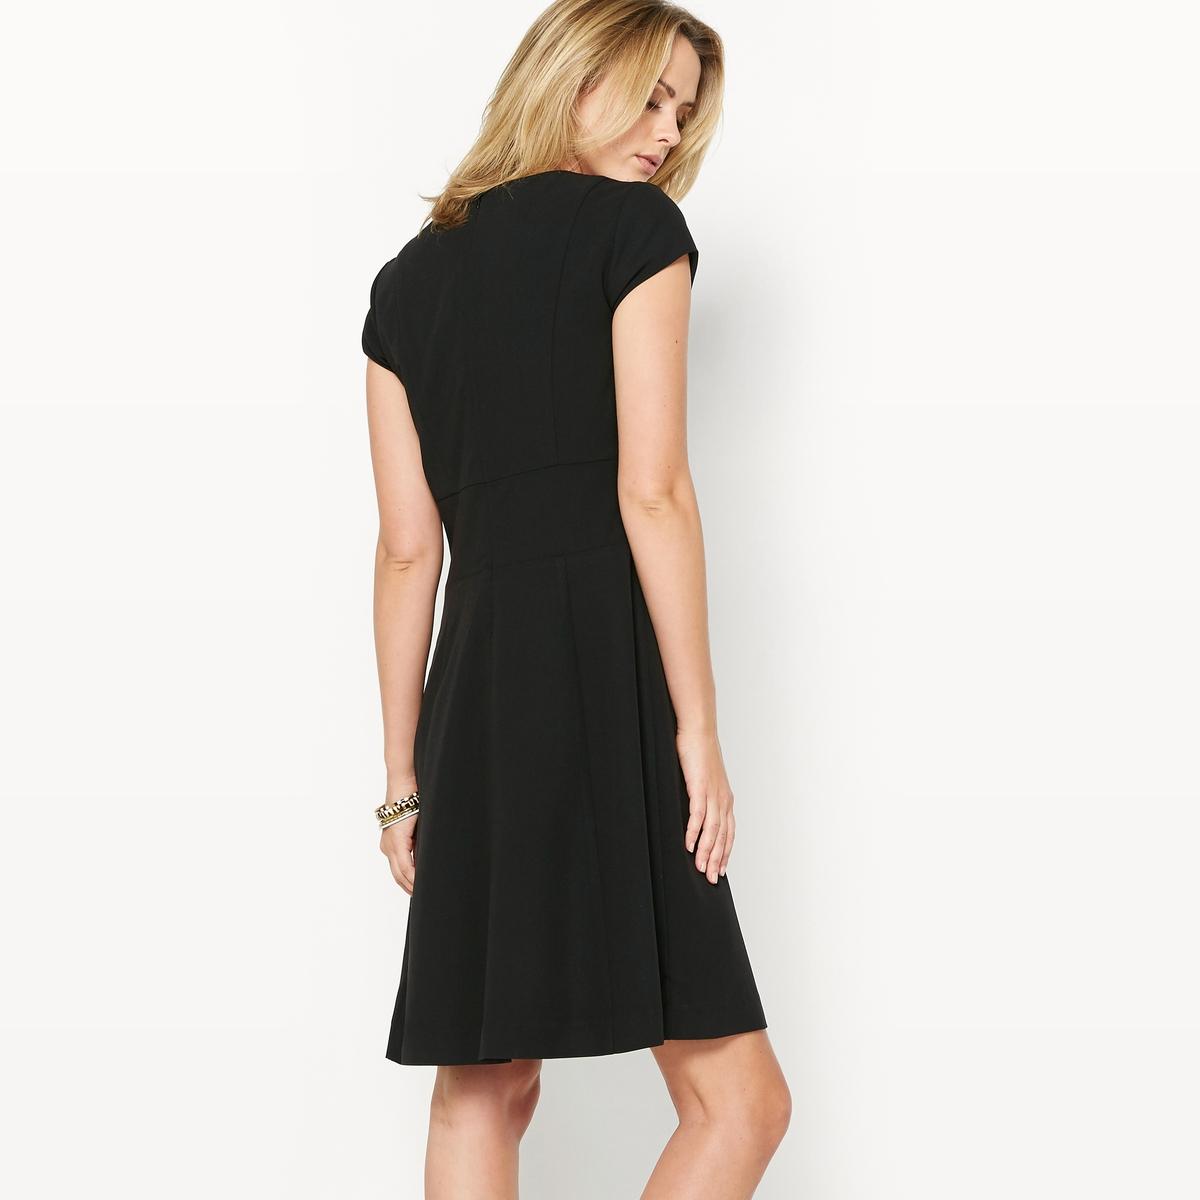 Платье расклешенное из саржи стрейчРасклешенное платье. Это платье идеально сидит на любой фигуре. Выбор наших клиентов. V-образный вырез. Отрезные детали спереди и сзади. Оригинальные швы на поясе. Короткие рукава. Скрытая застежка на молнию сзади. Состав и описание :Материал : Саржа, 74% полиэстера, 19% вискозы, 7% эластана.Длина 95 см.Марка : Anne Weyburn.Уход :Машинная стирка при 30 °С на умеренном режиме.Гладить на низкой температуре.<br><br>Цвет: черный<br>Размер: 38 (FR) - 44 (RUS).44 (FR) - 50 (RUS)